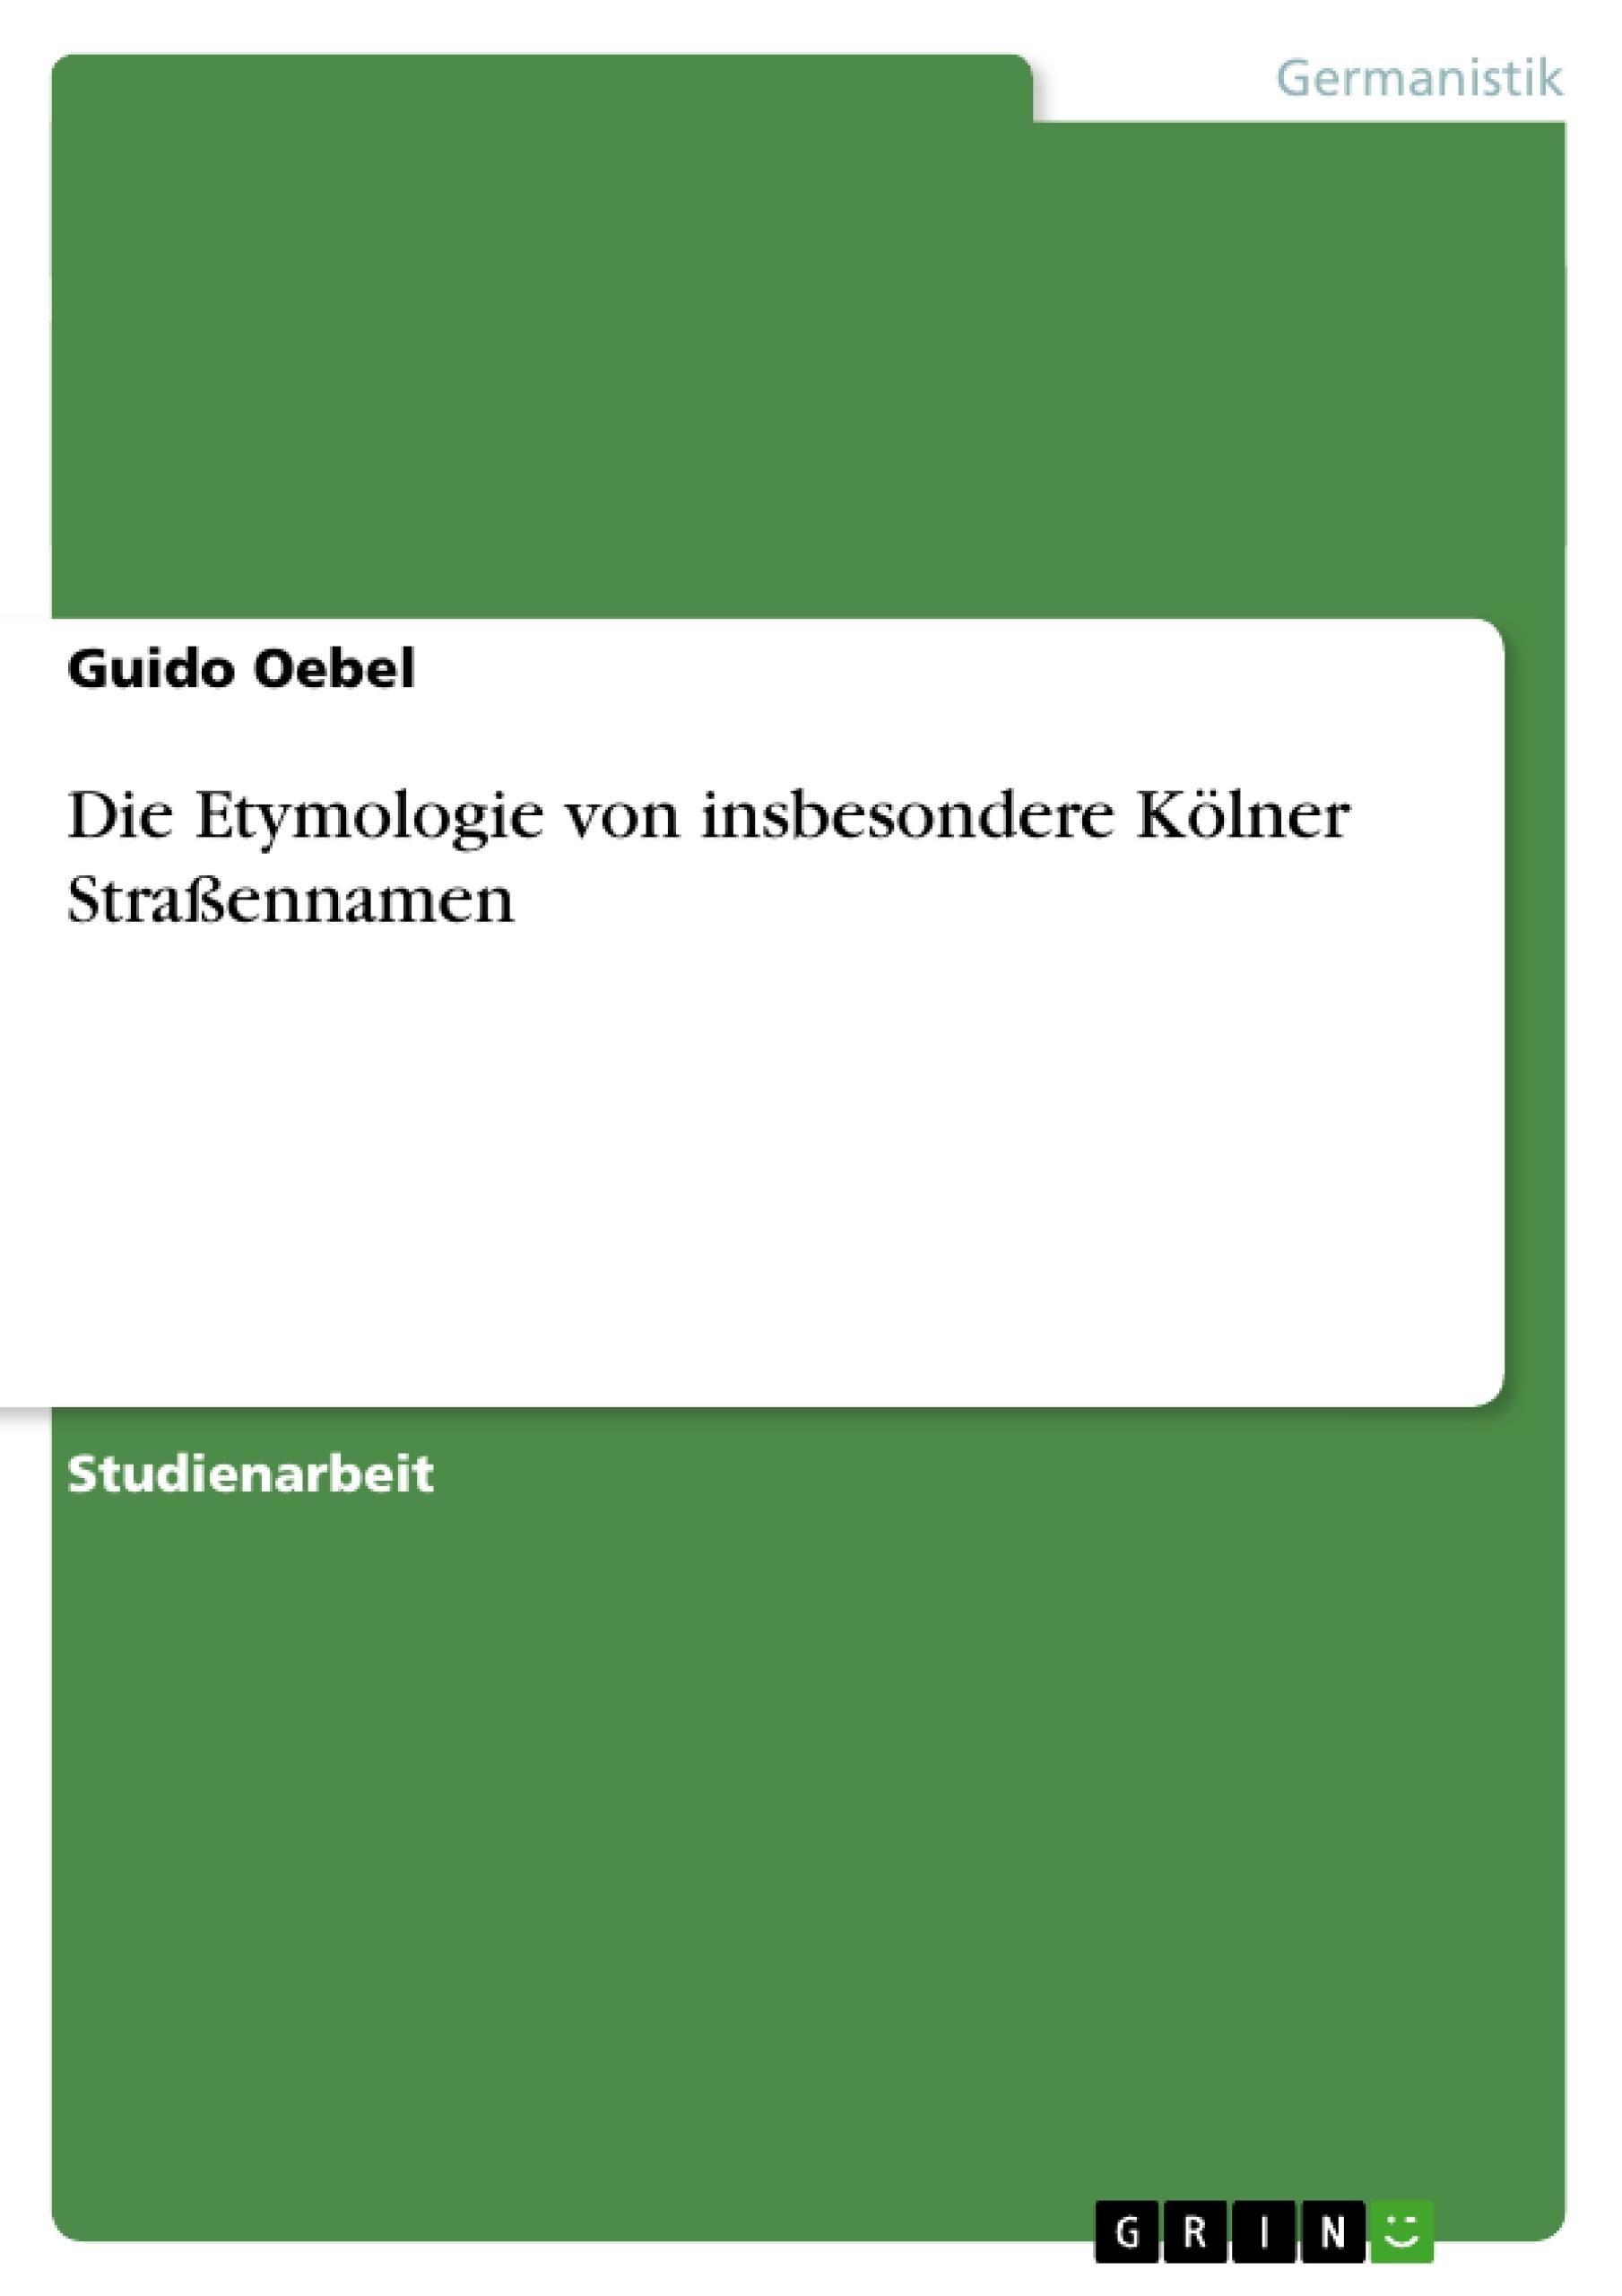 Titel: Die Etymologie von insbesondere Kölner Straßennamen